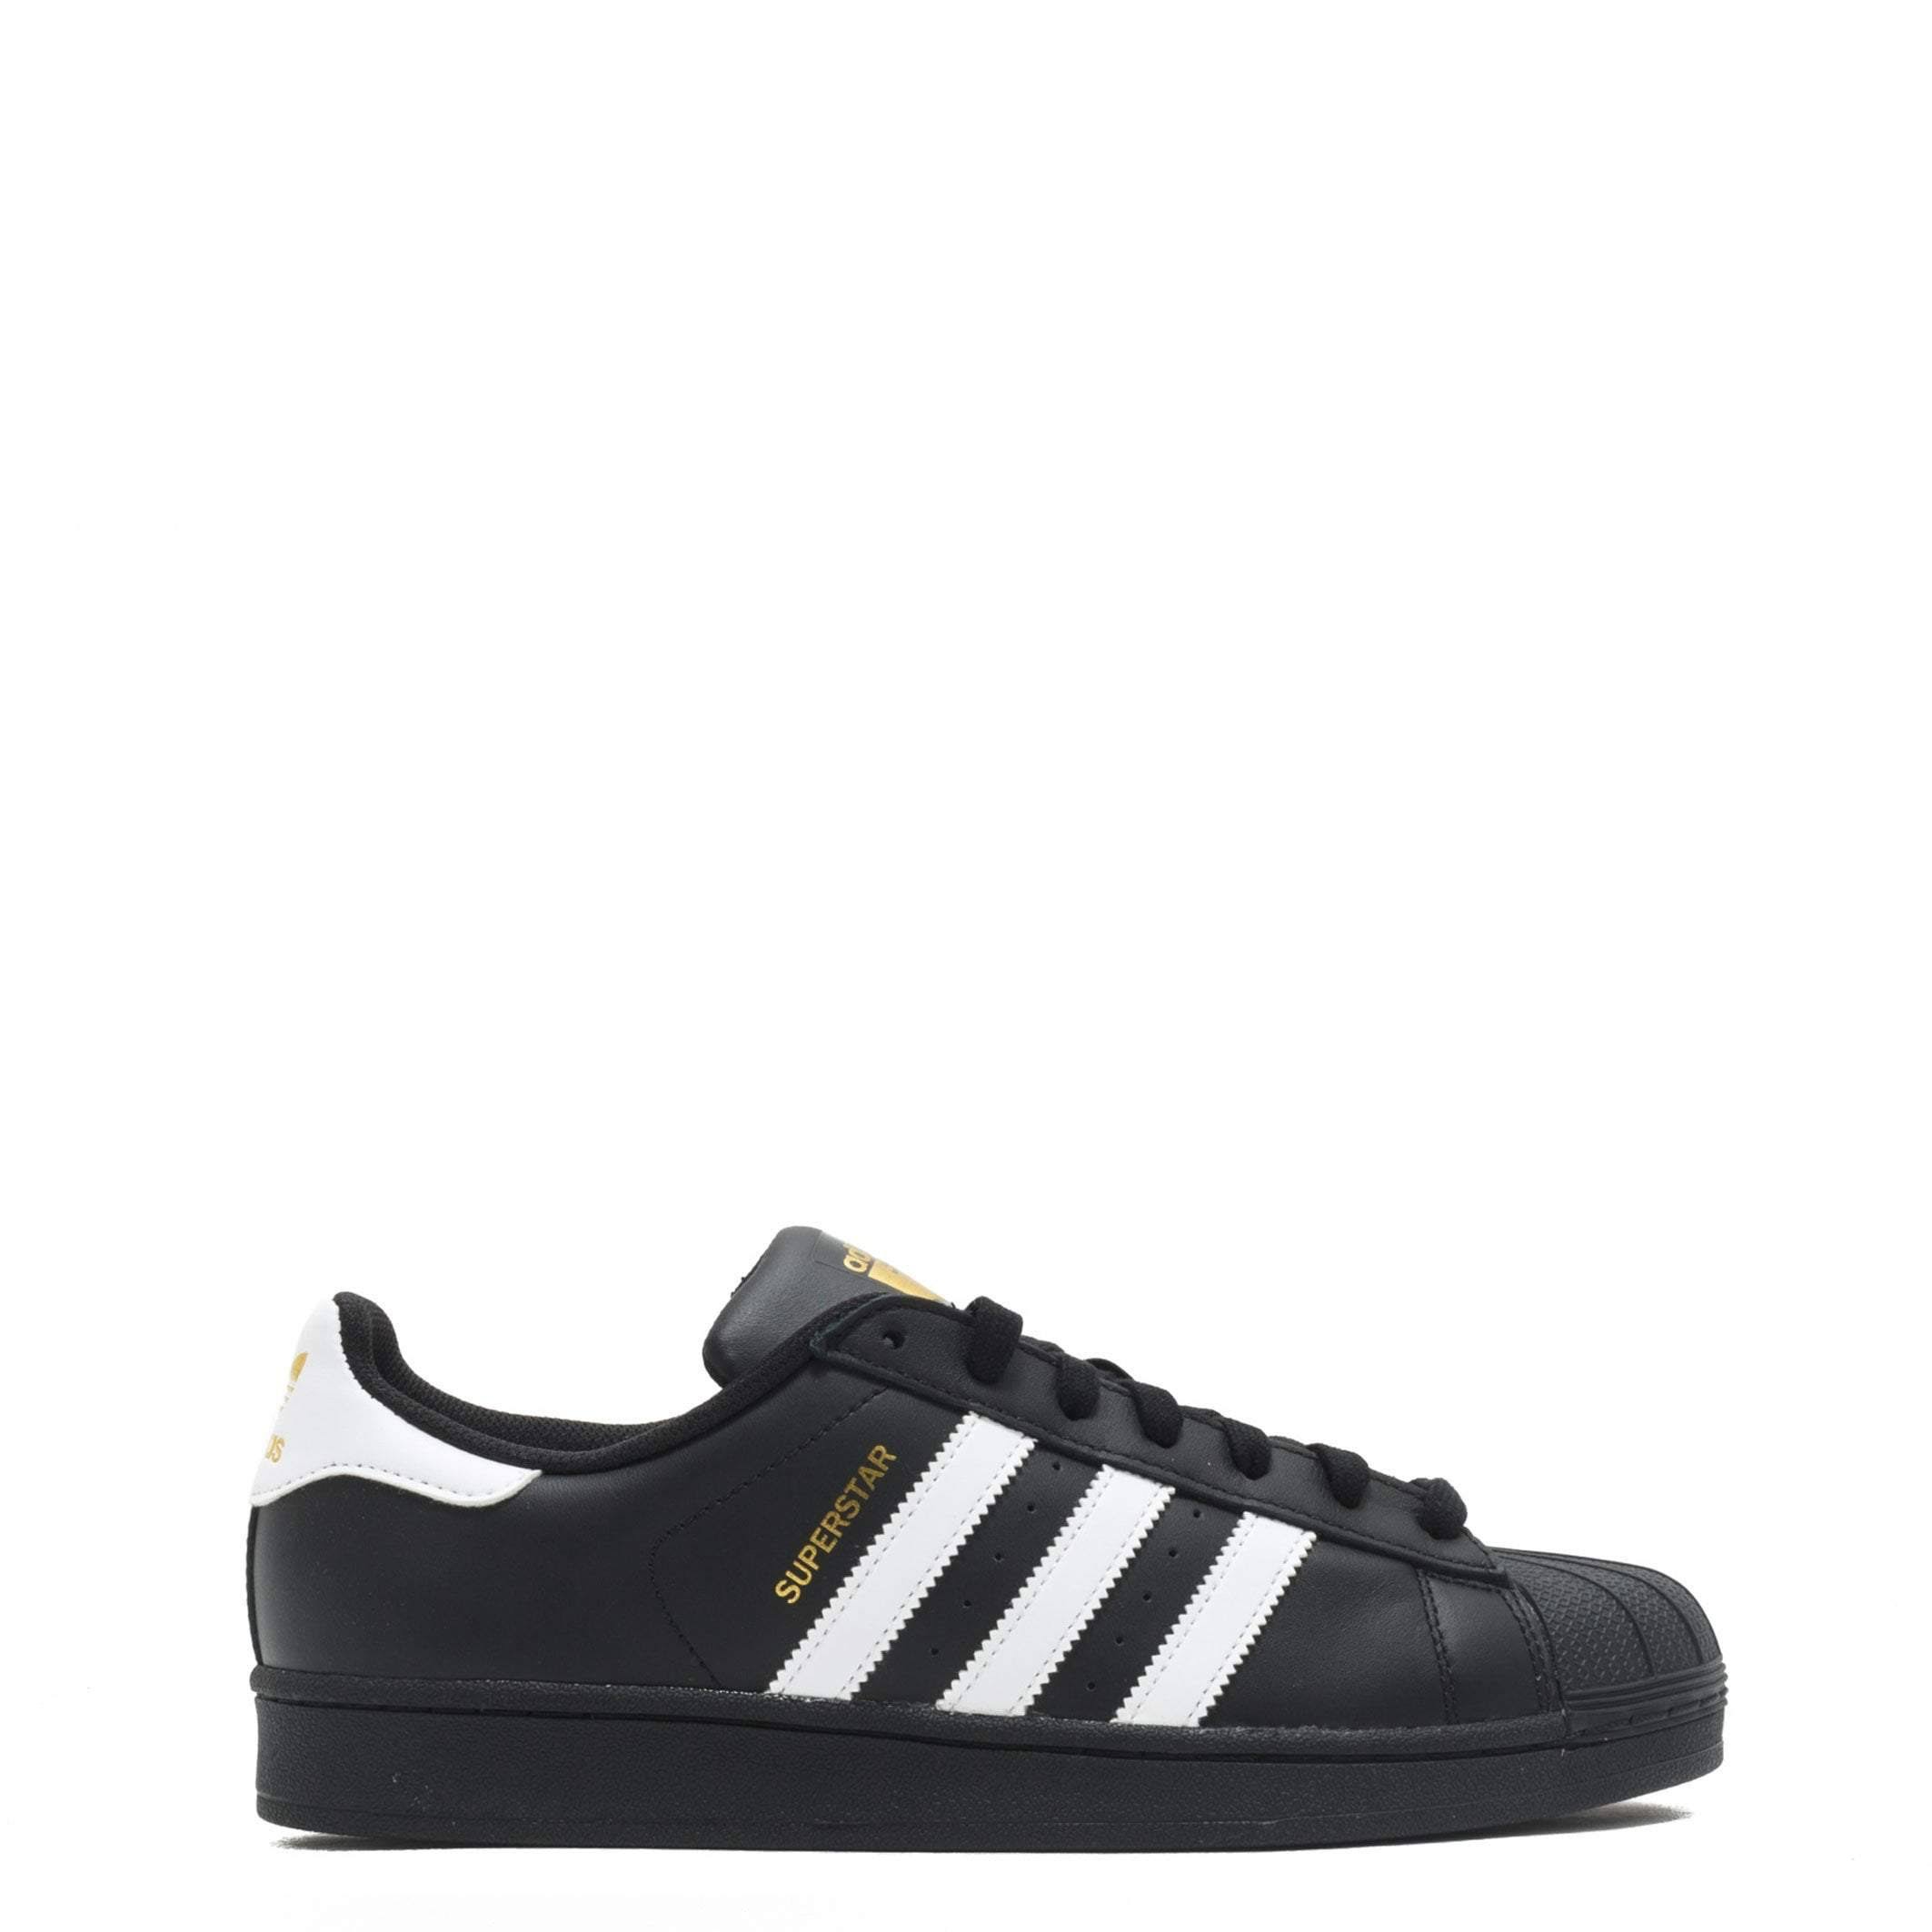 8 Weiß Schuhe kern Adidas schwarz 5 Schwarz B27140 Superstar Schwarz Kern wq8qRtf